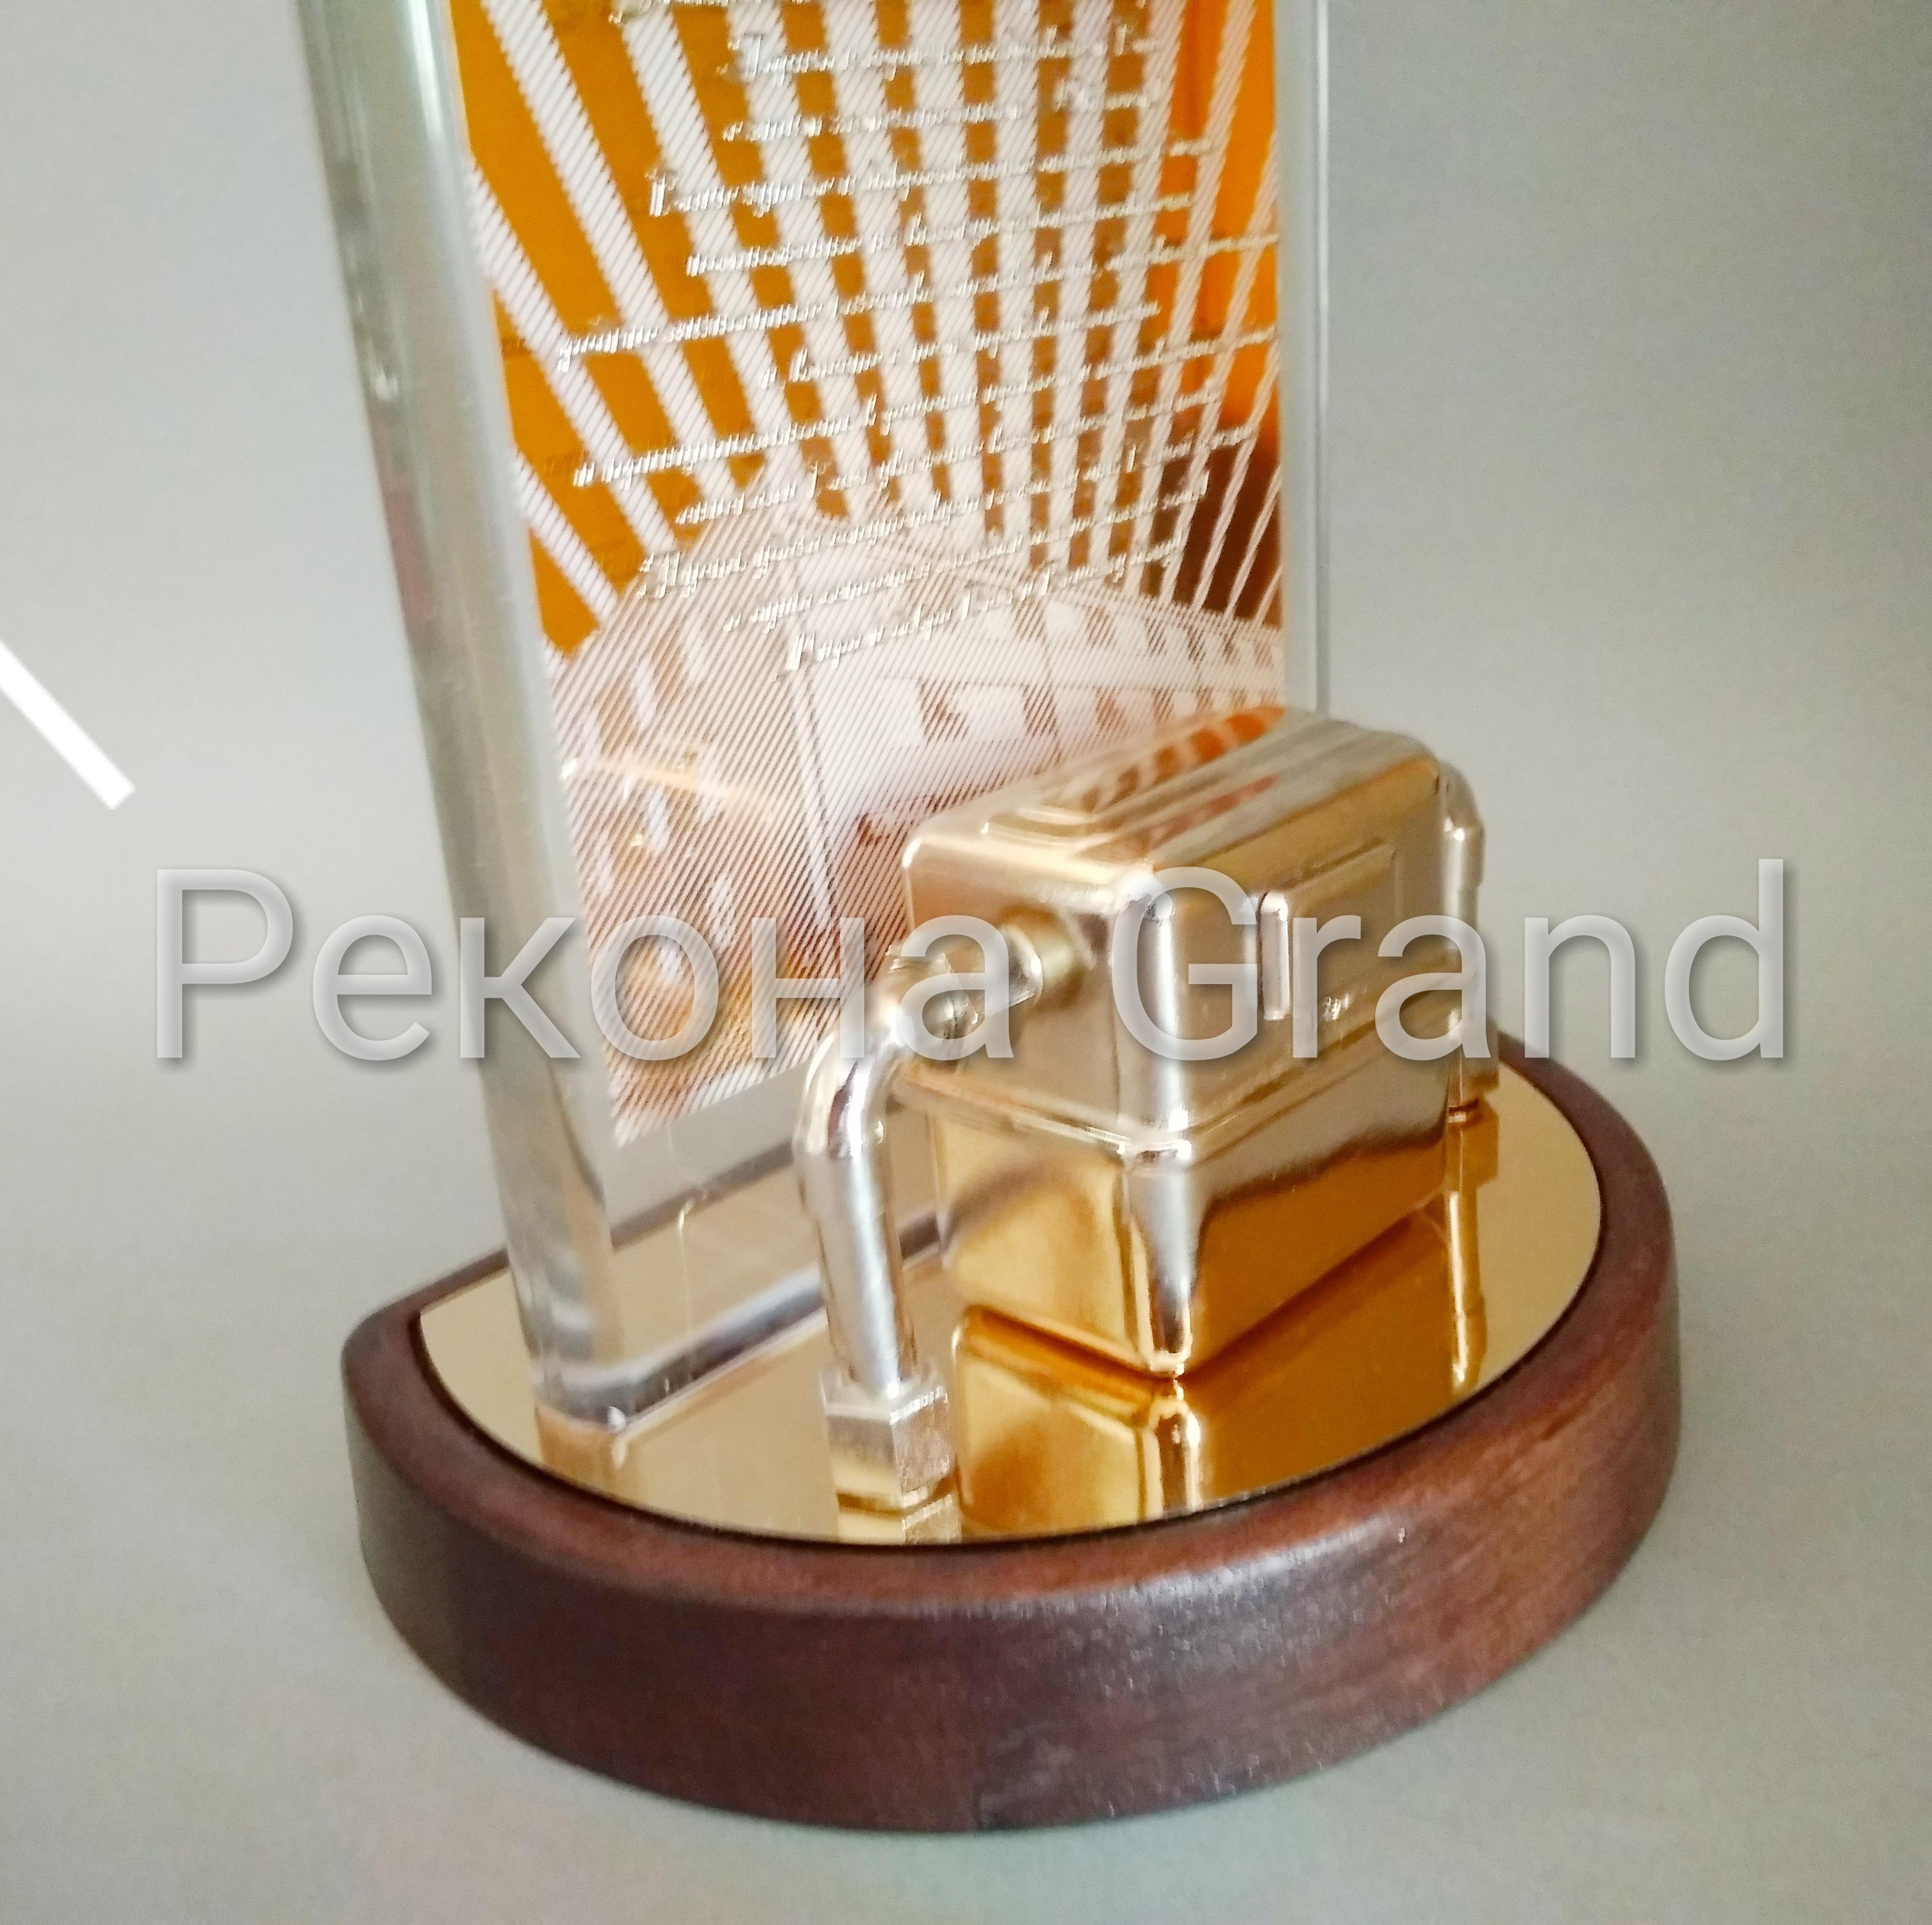 изготовление сувенирной продукции по индивидуальному дизайну